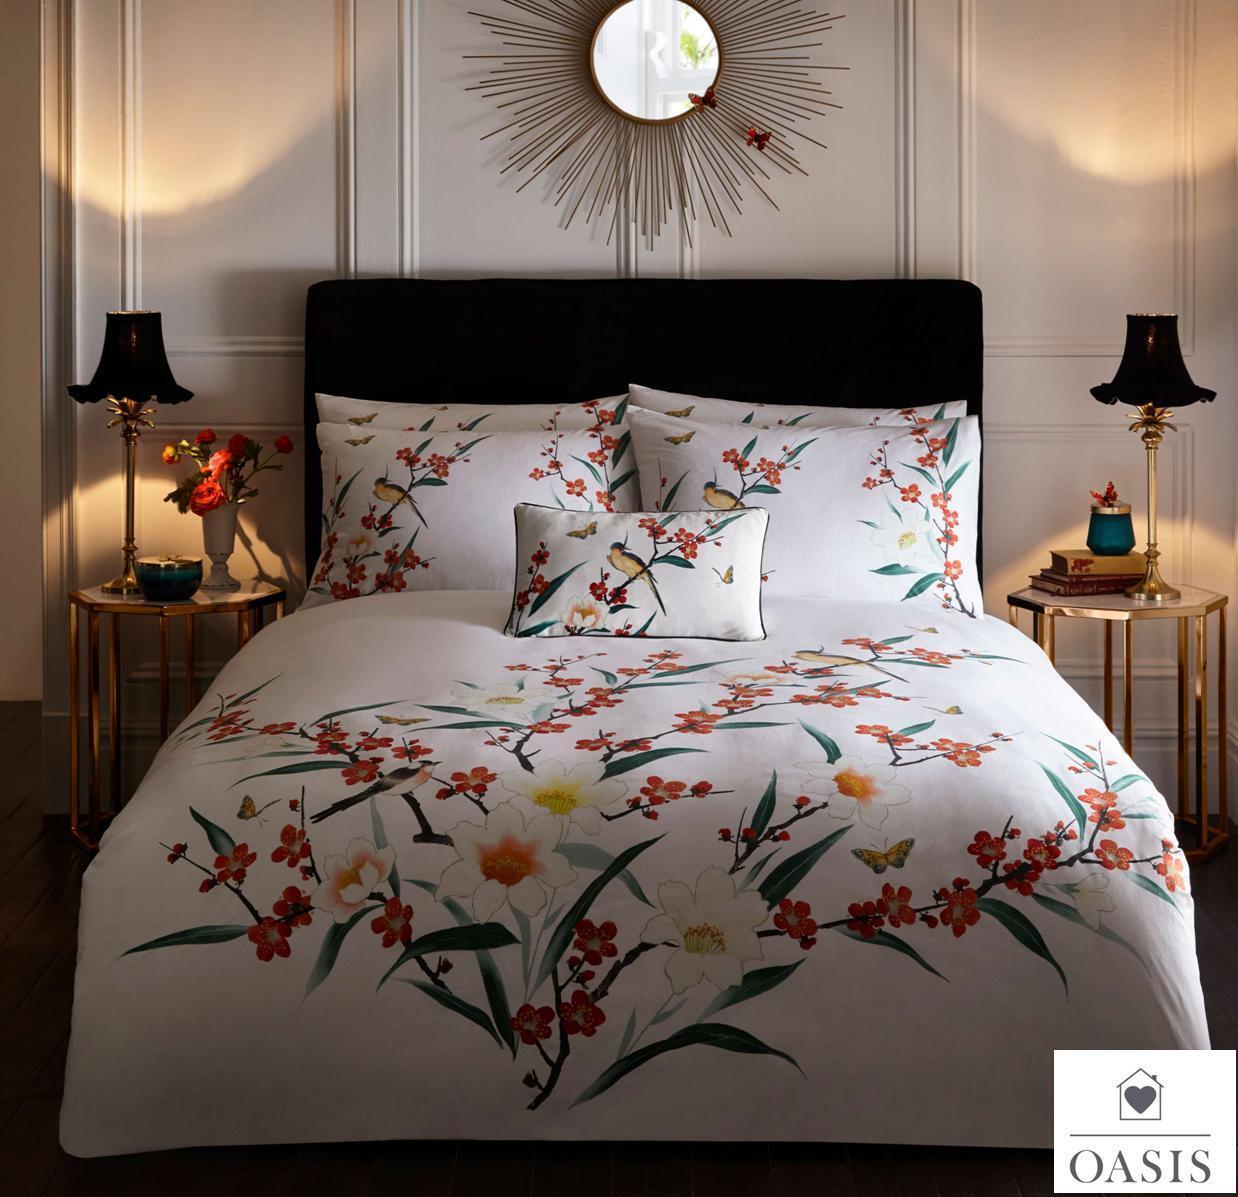 Oasis OSAKA Avorio Fresco delicato Uccellini & Farfalle Copripiumino Set di biancheria da letto